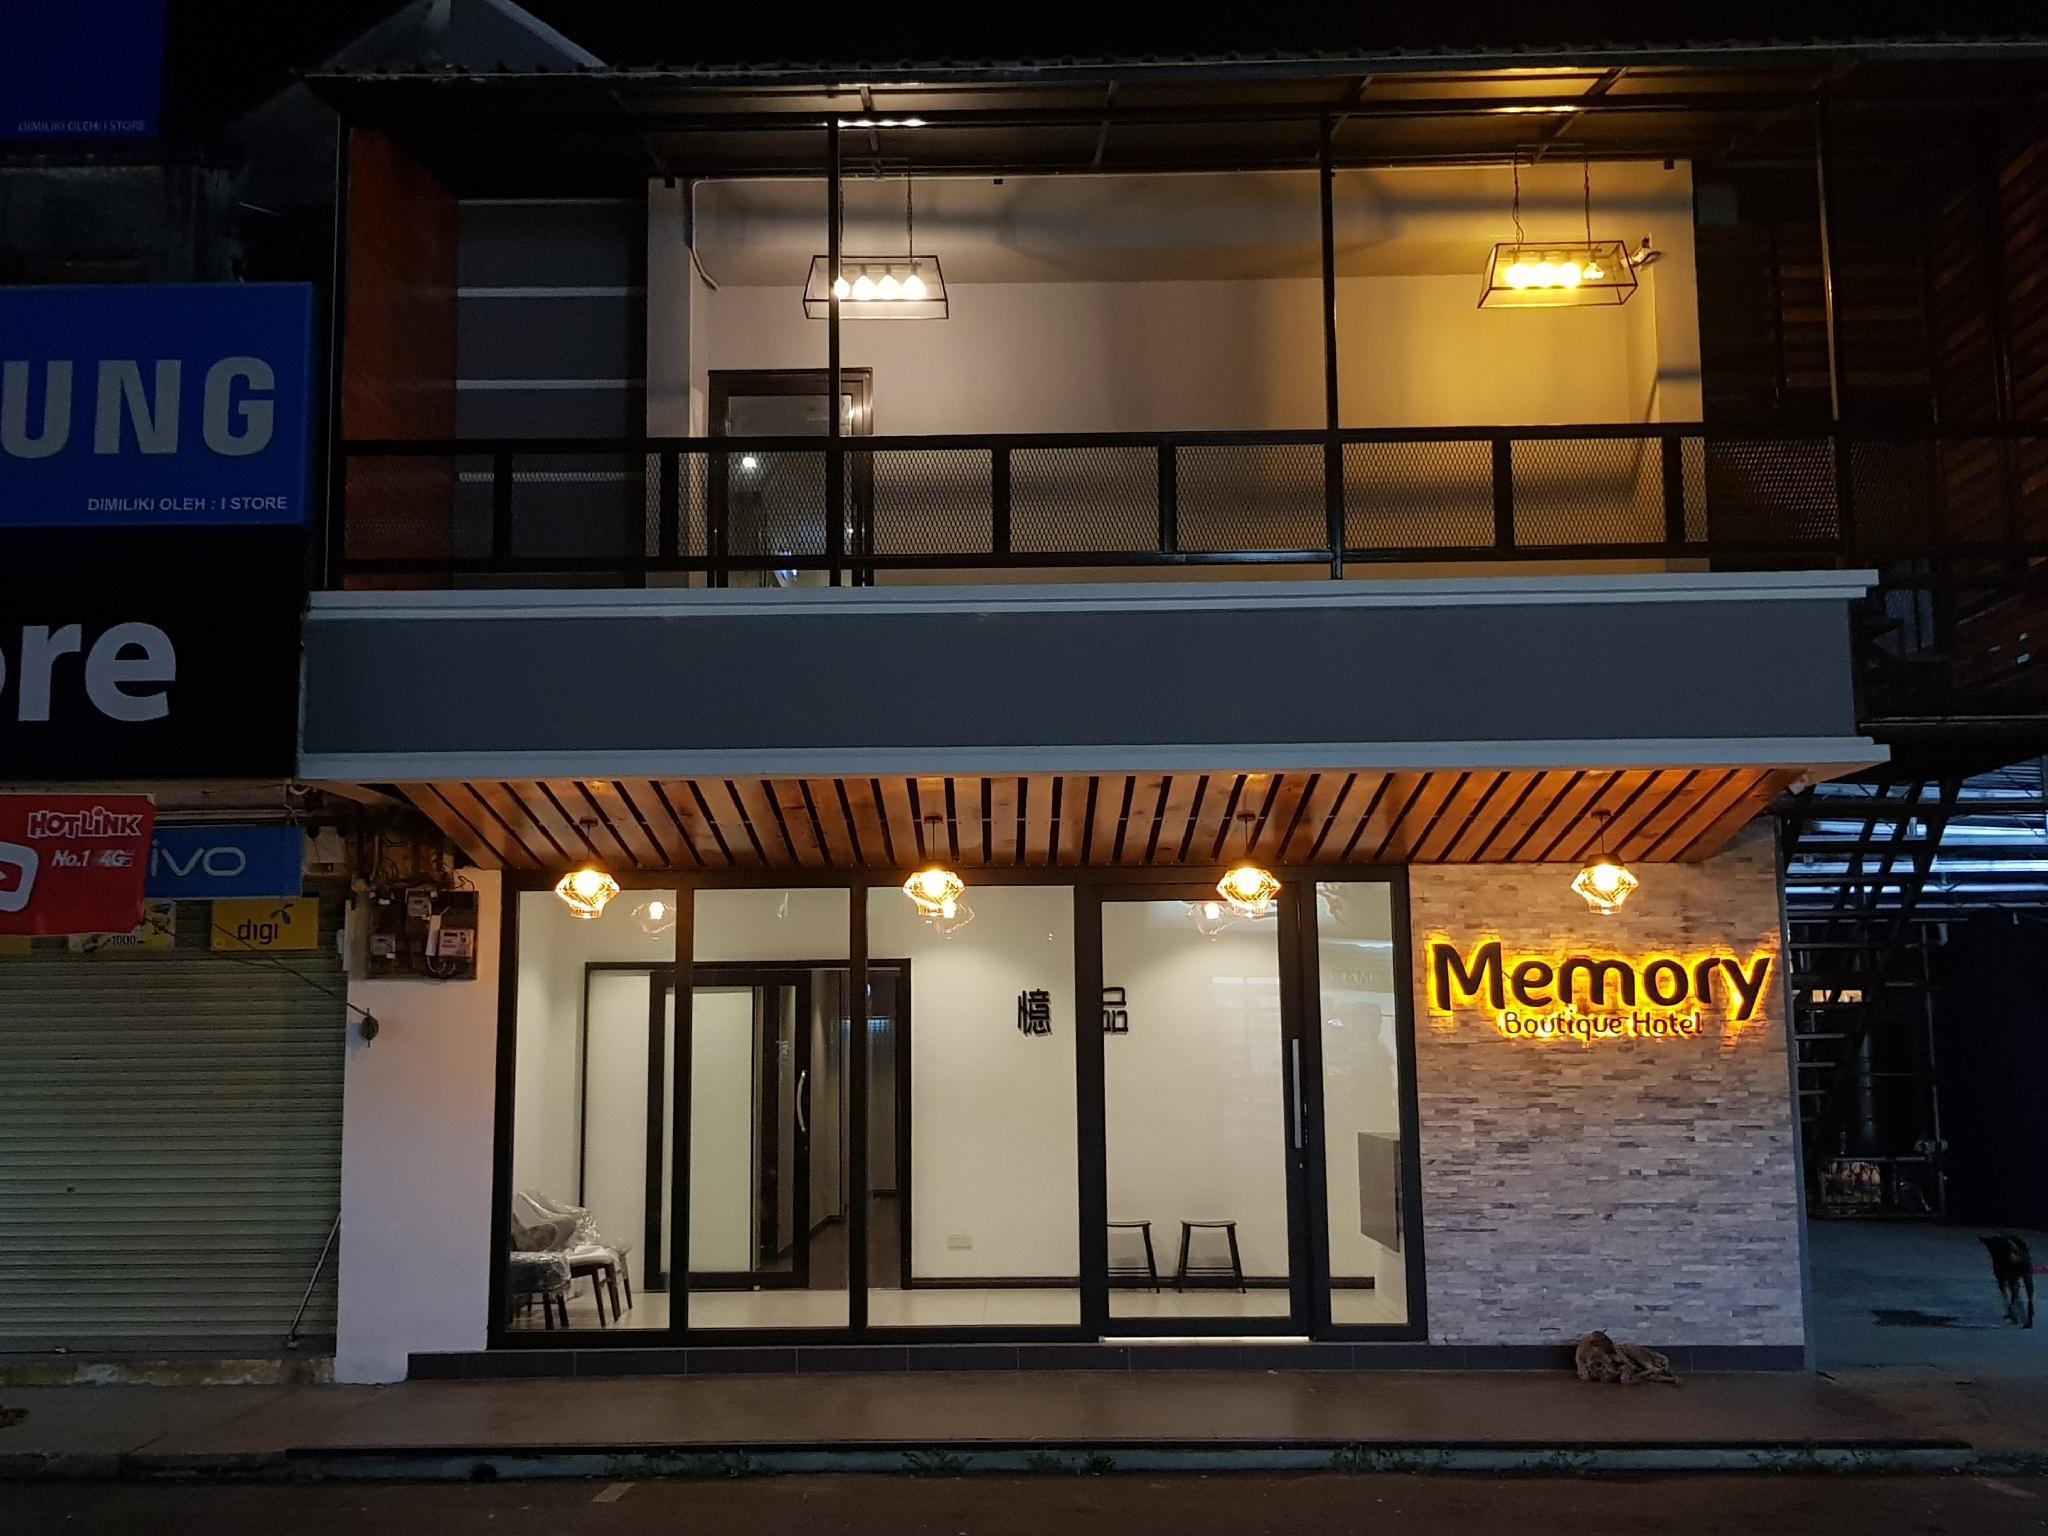 Memory Boutique Hotel, Semporna